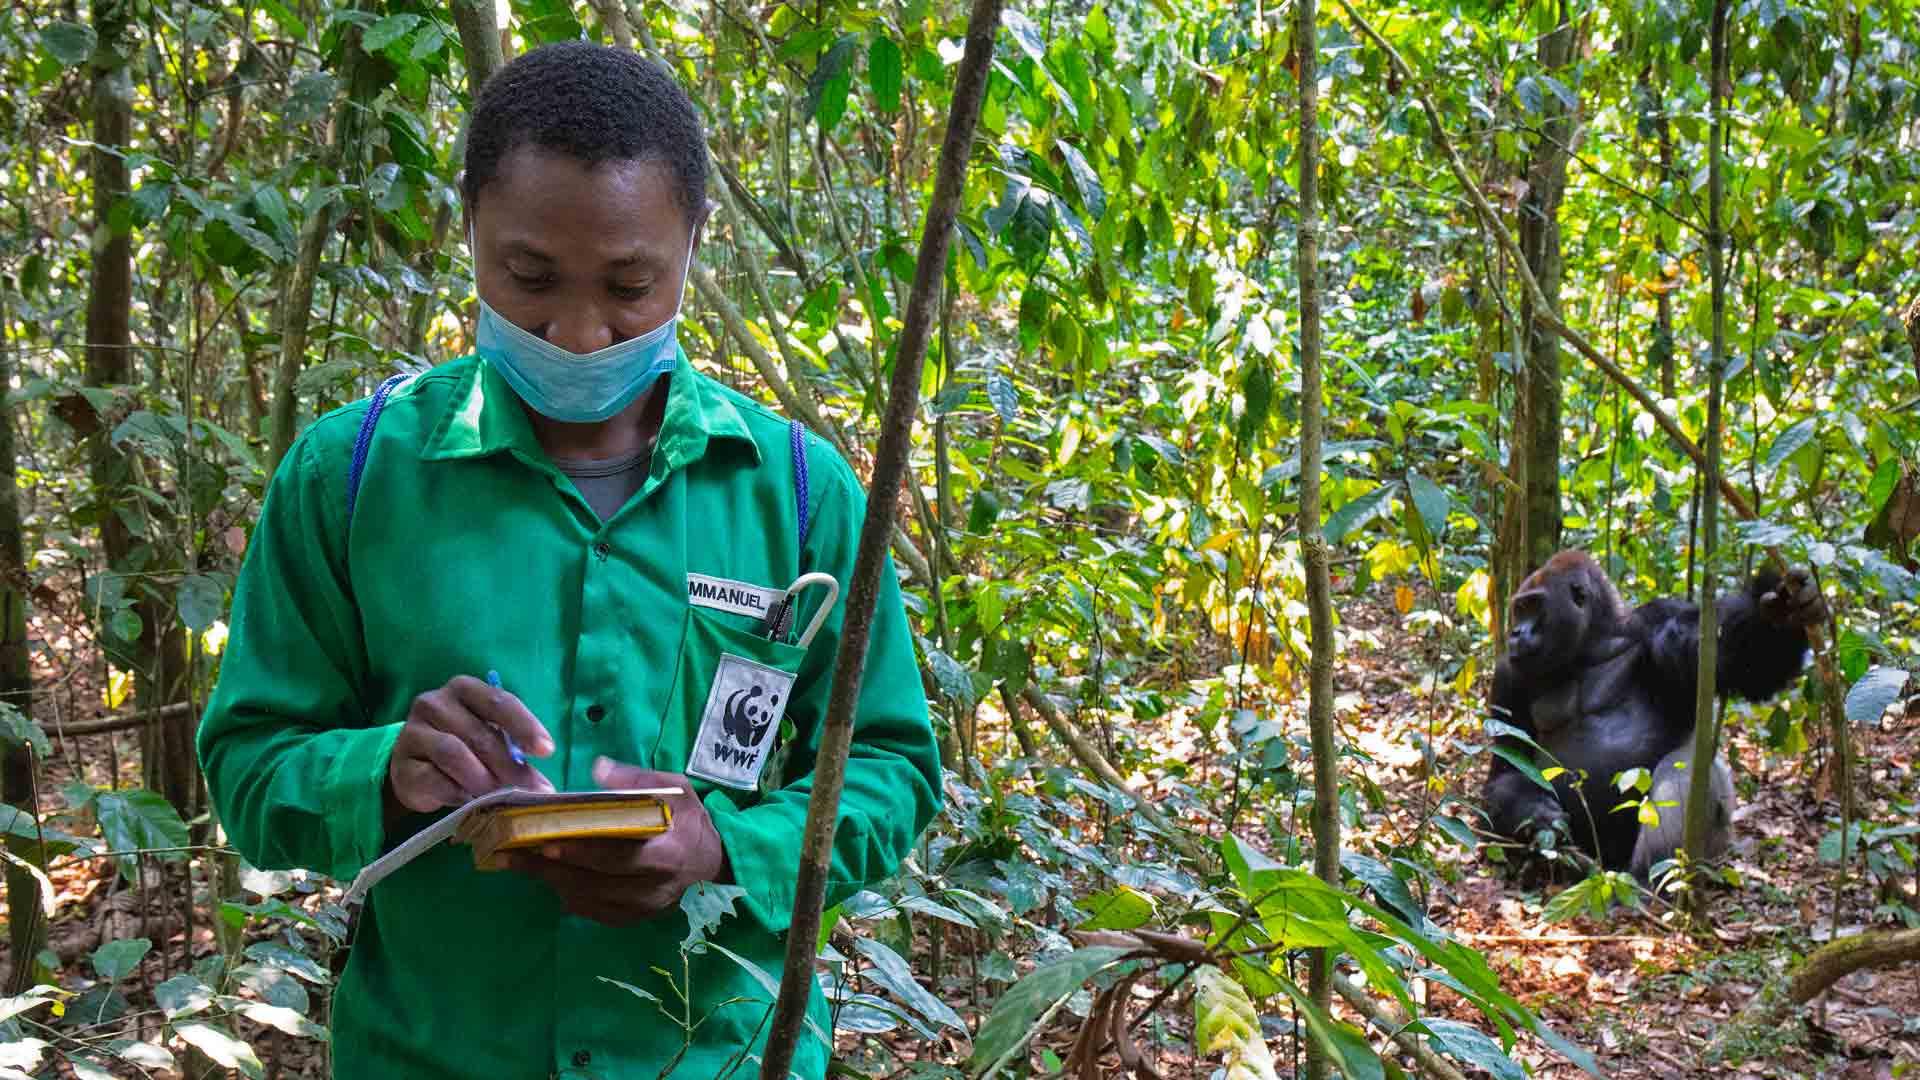 Übertragung von Viren zwischen Wildtieren und Menschen: Menschen können Krankheiten auf Gorillas übertragen, die für sie gefährlicher sind als für uns. Ein Mundschutz ist unerlässlich.